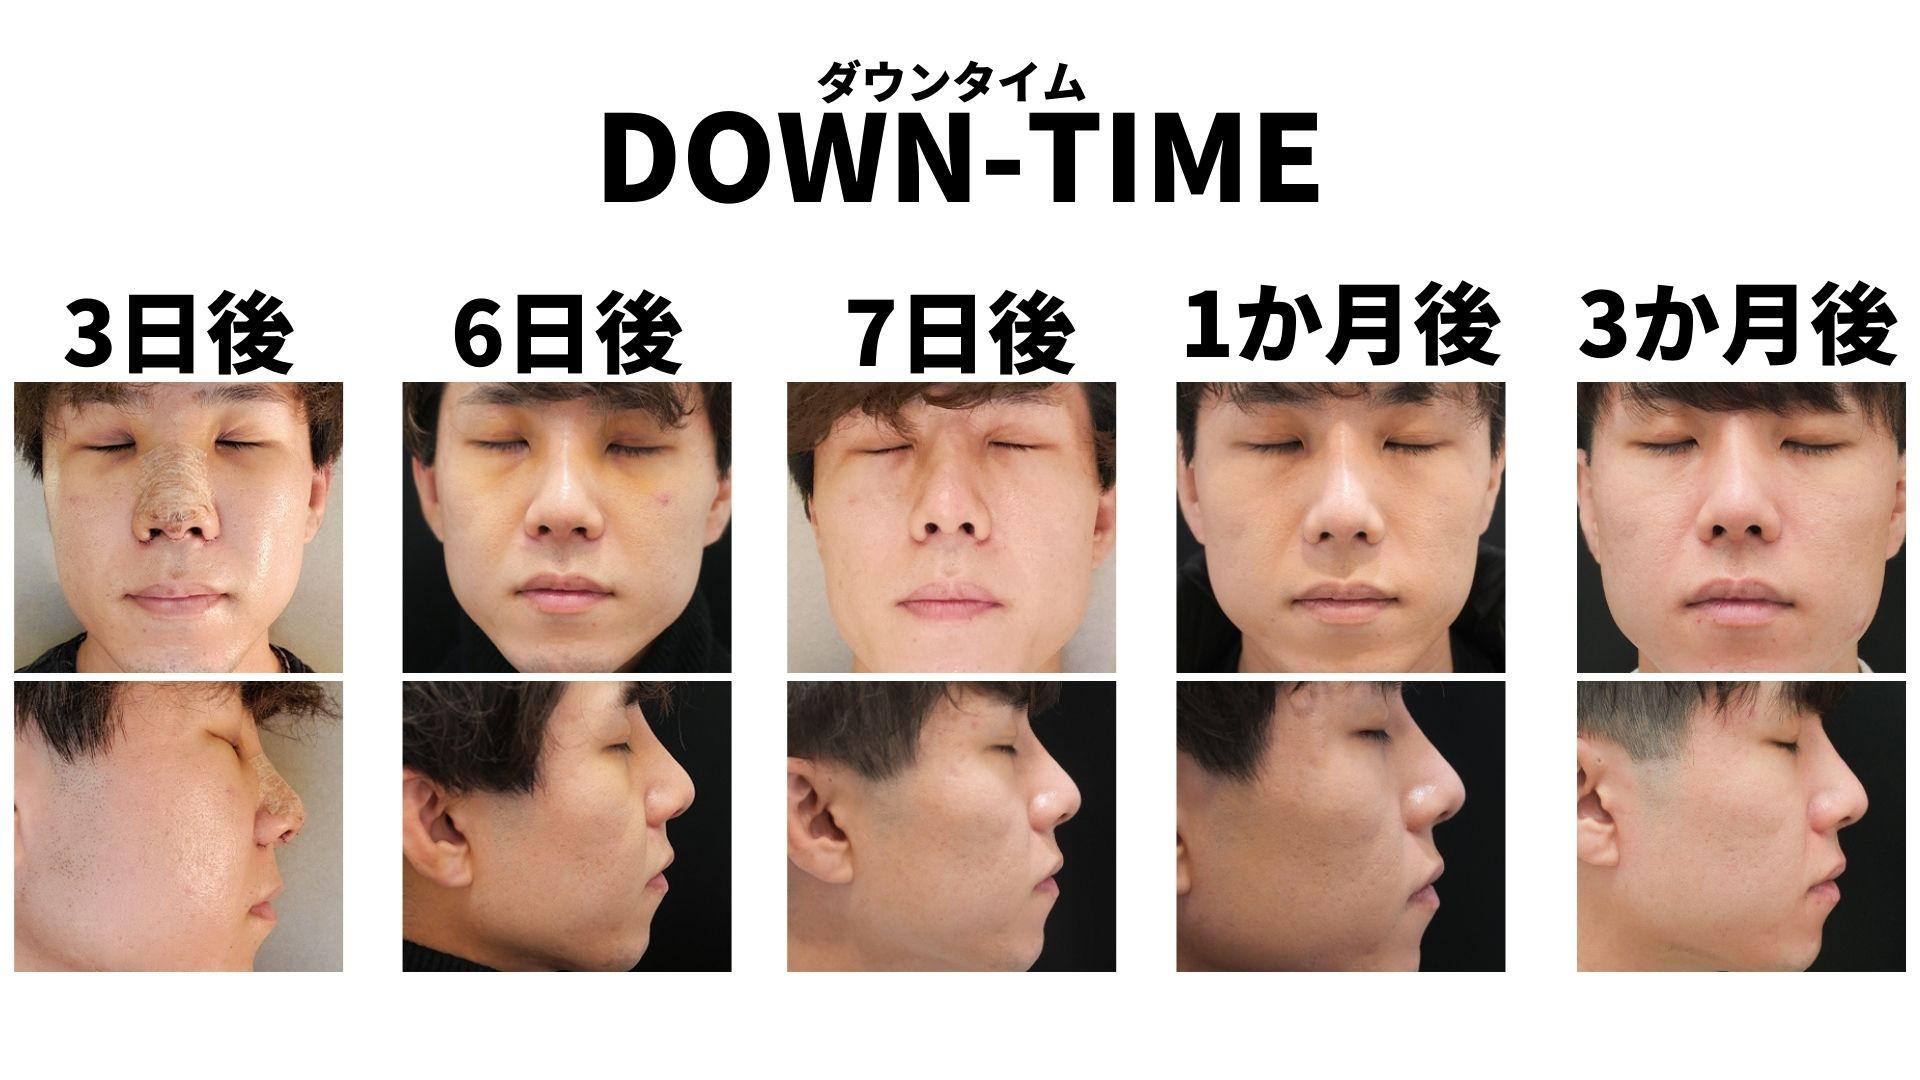 イセアクリニック鼻整形ダウンタイム